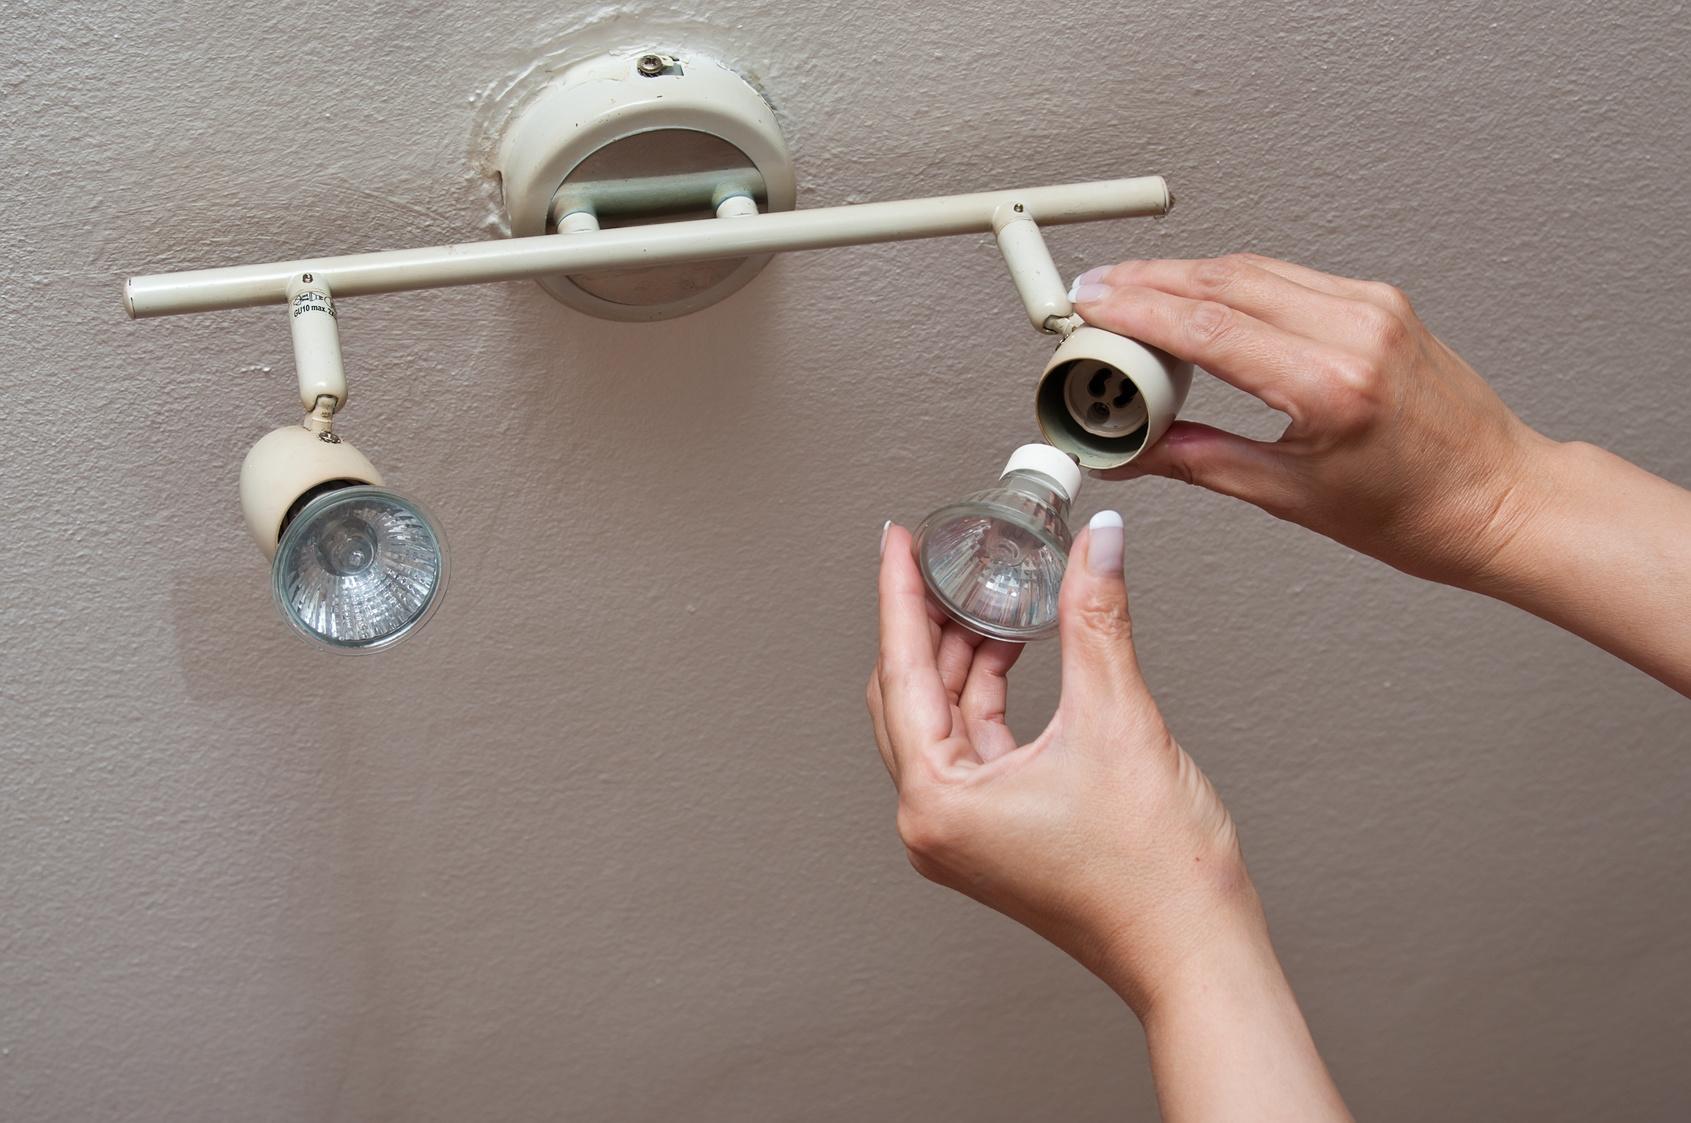 changer ampoule